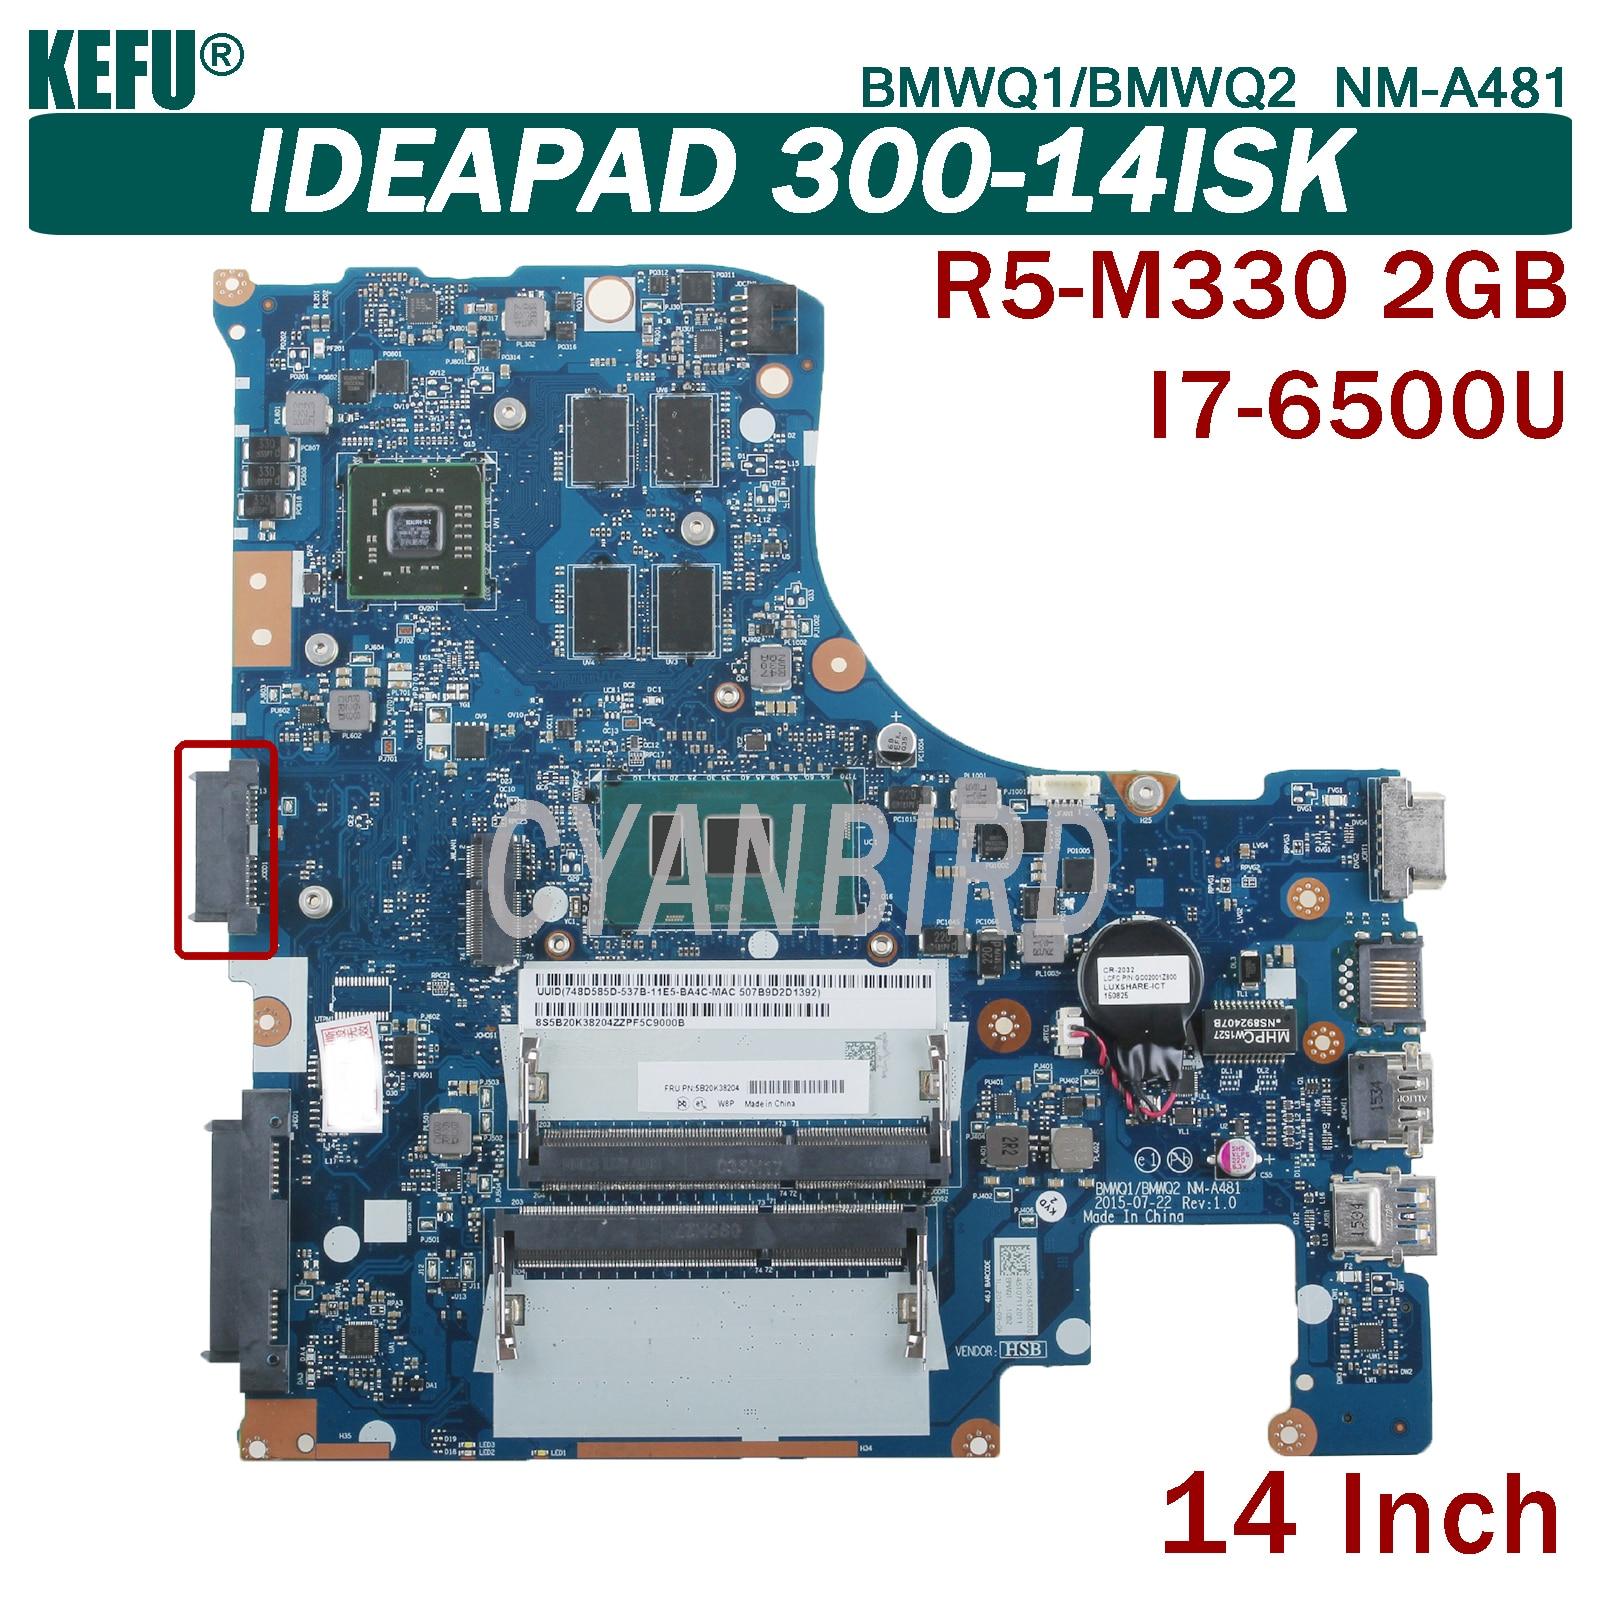 KEFU BMWQ1/BMWQ2 NM-A481 اللوحة الرئيسية الأصلية لينوفو IdeaPad 300-14ISK مع I7-6500U 2 جيجابايت اللوحة الأم R5-M330